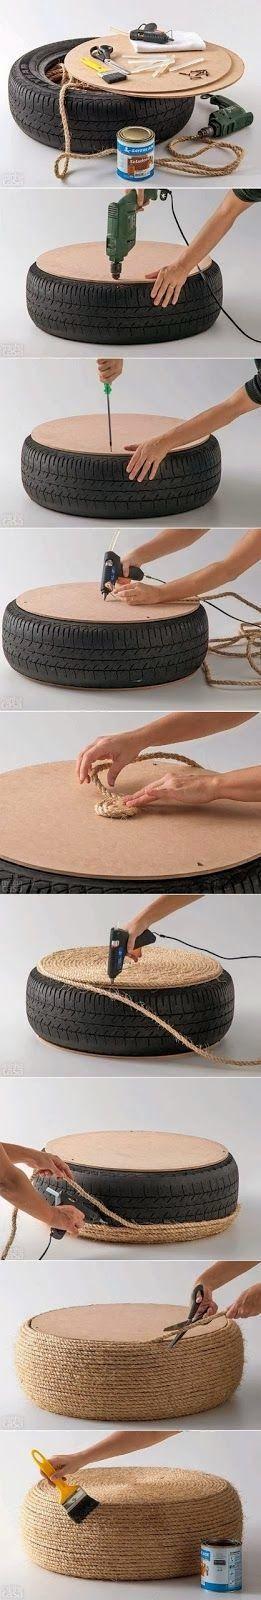 kreatif merubah BAN BEKAS menjadi furniture untuk sendiri atau untuk ber bisnis wirausaha